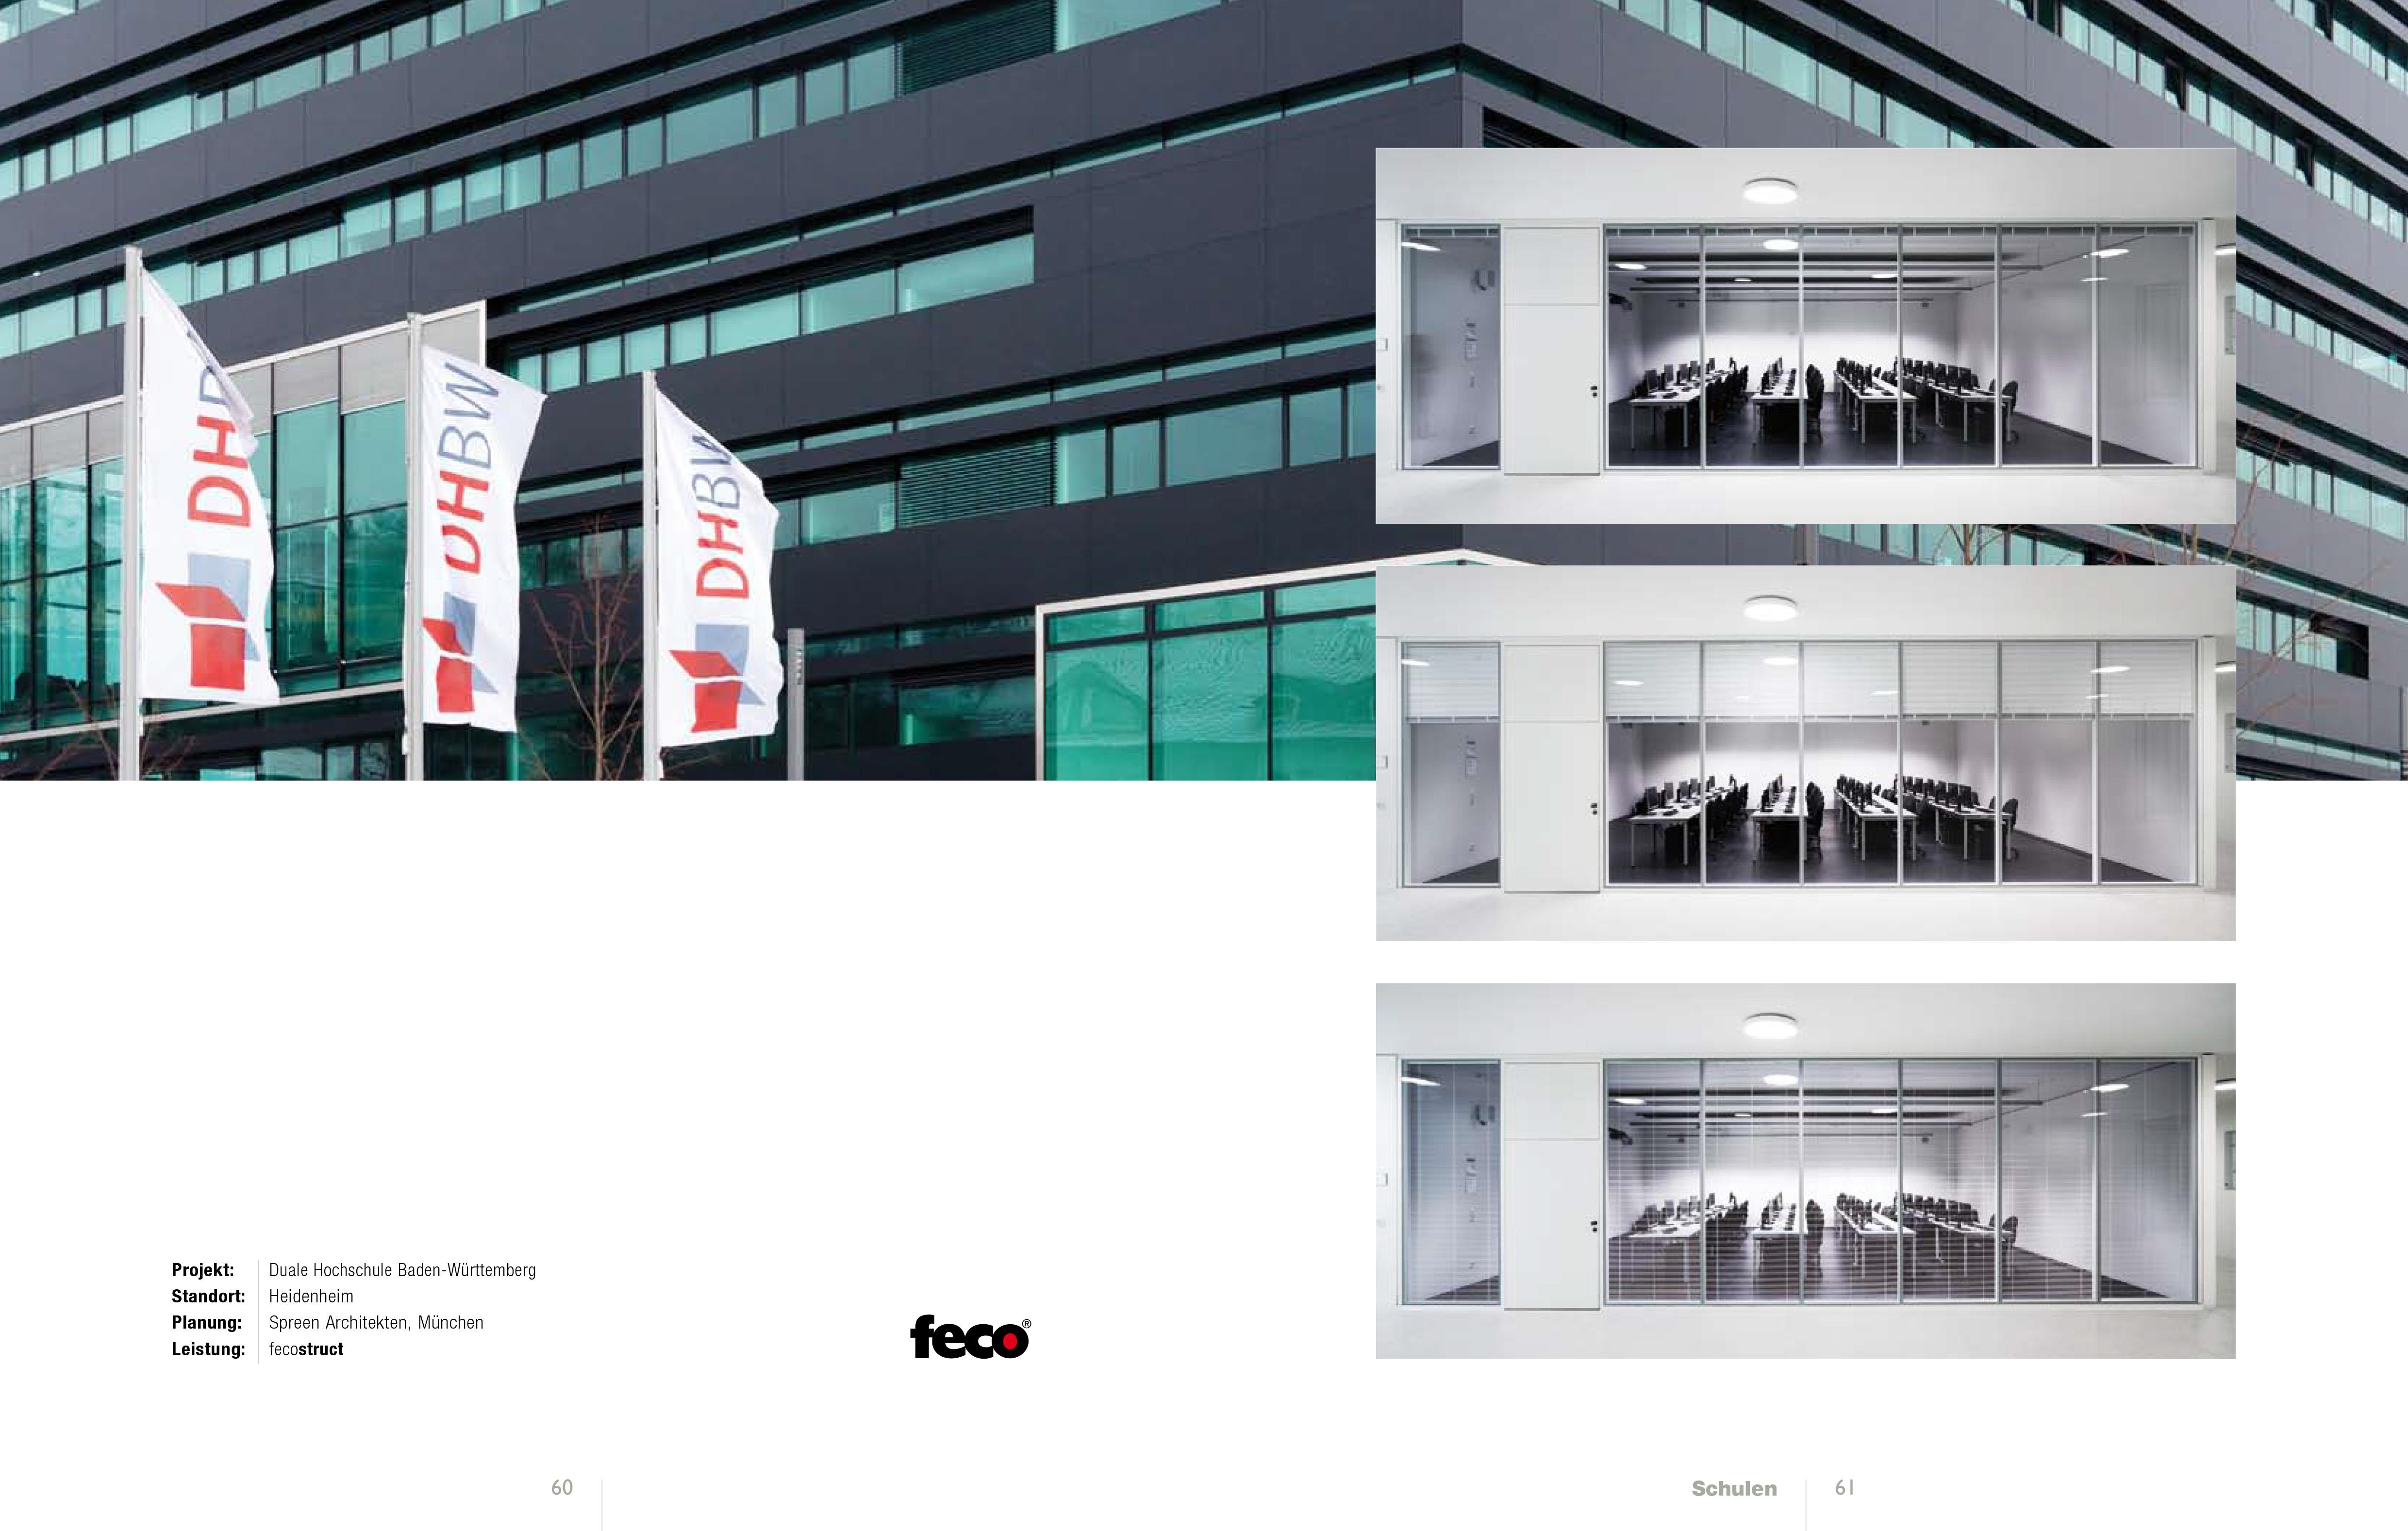 spreen architekten münchen